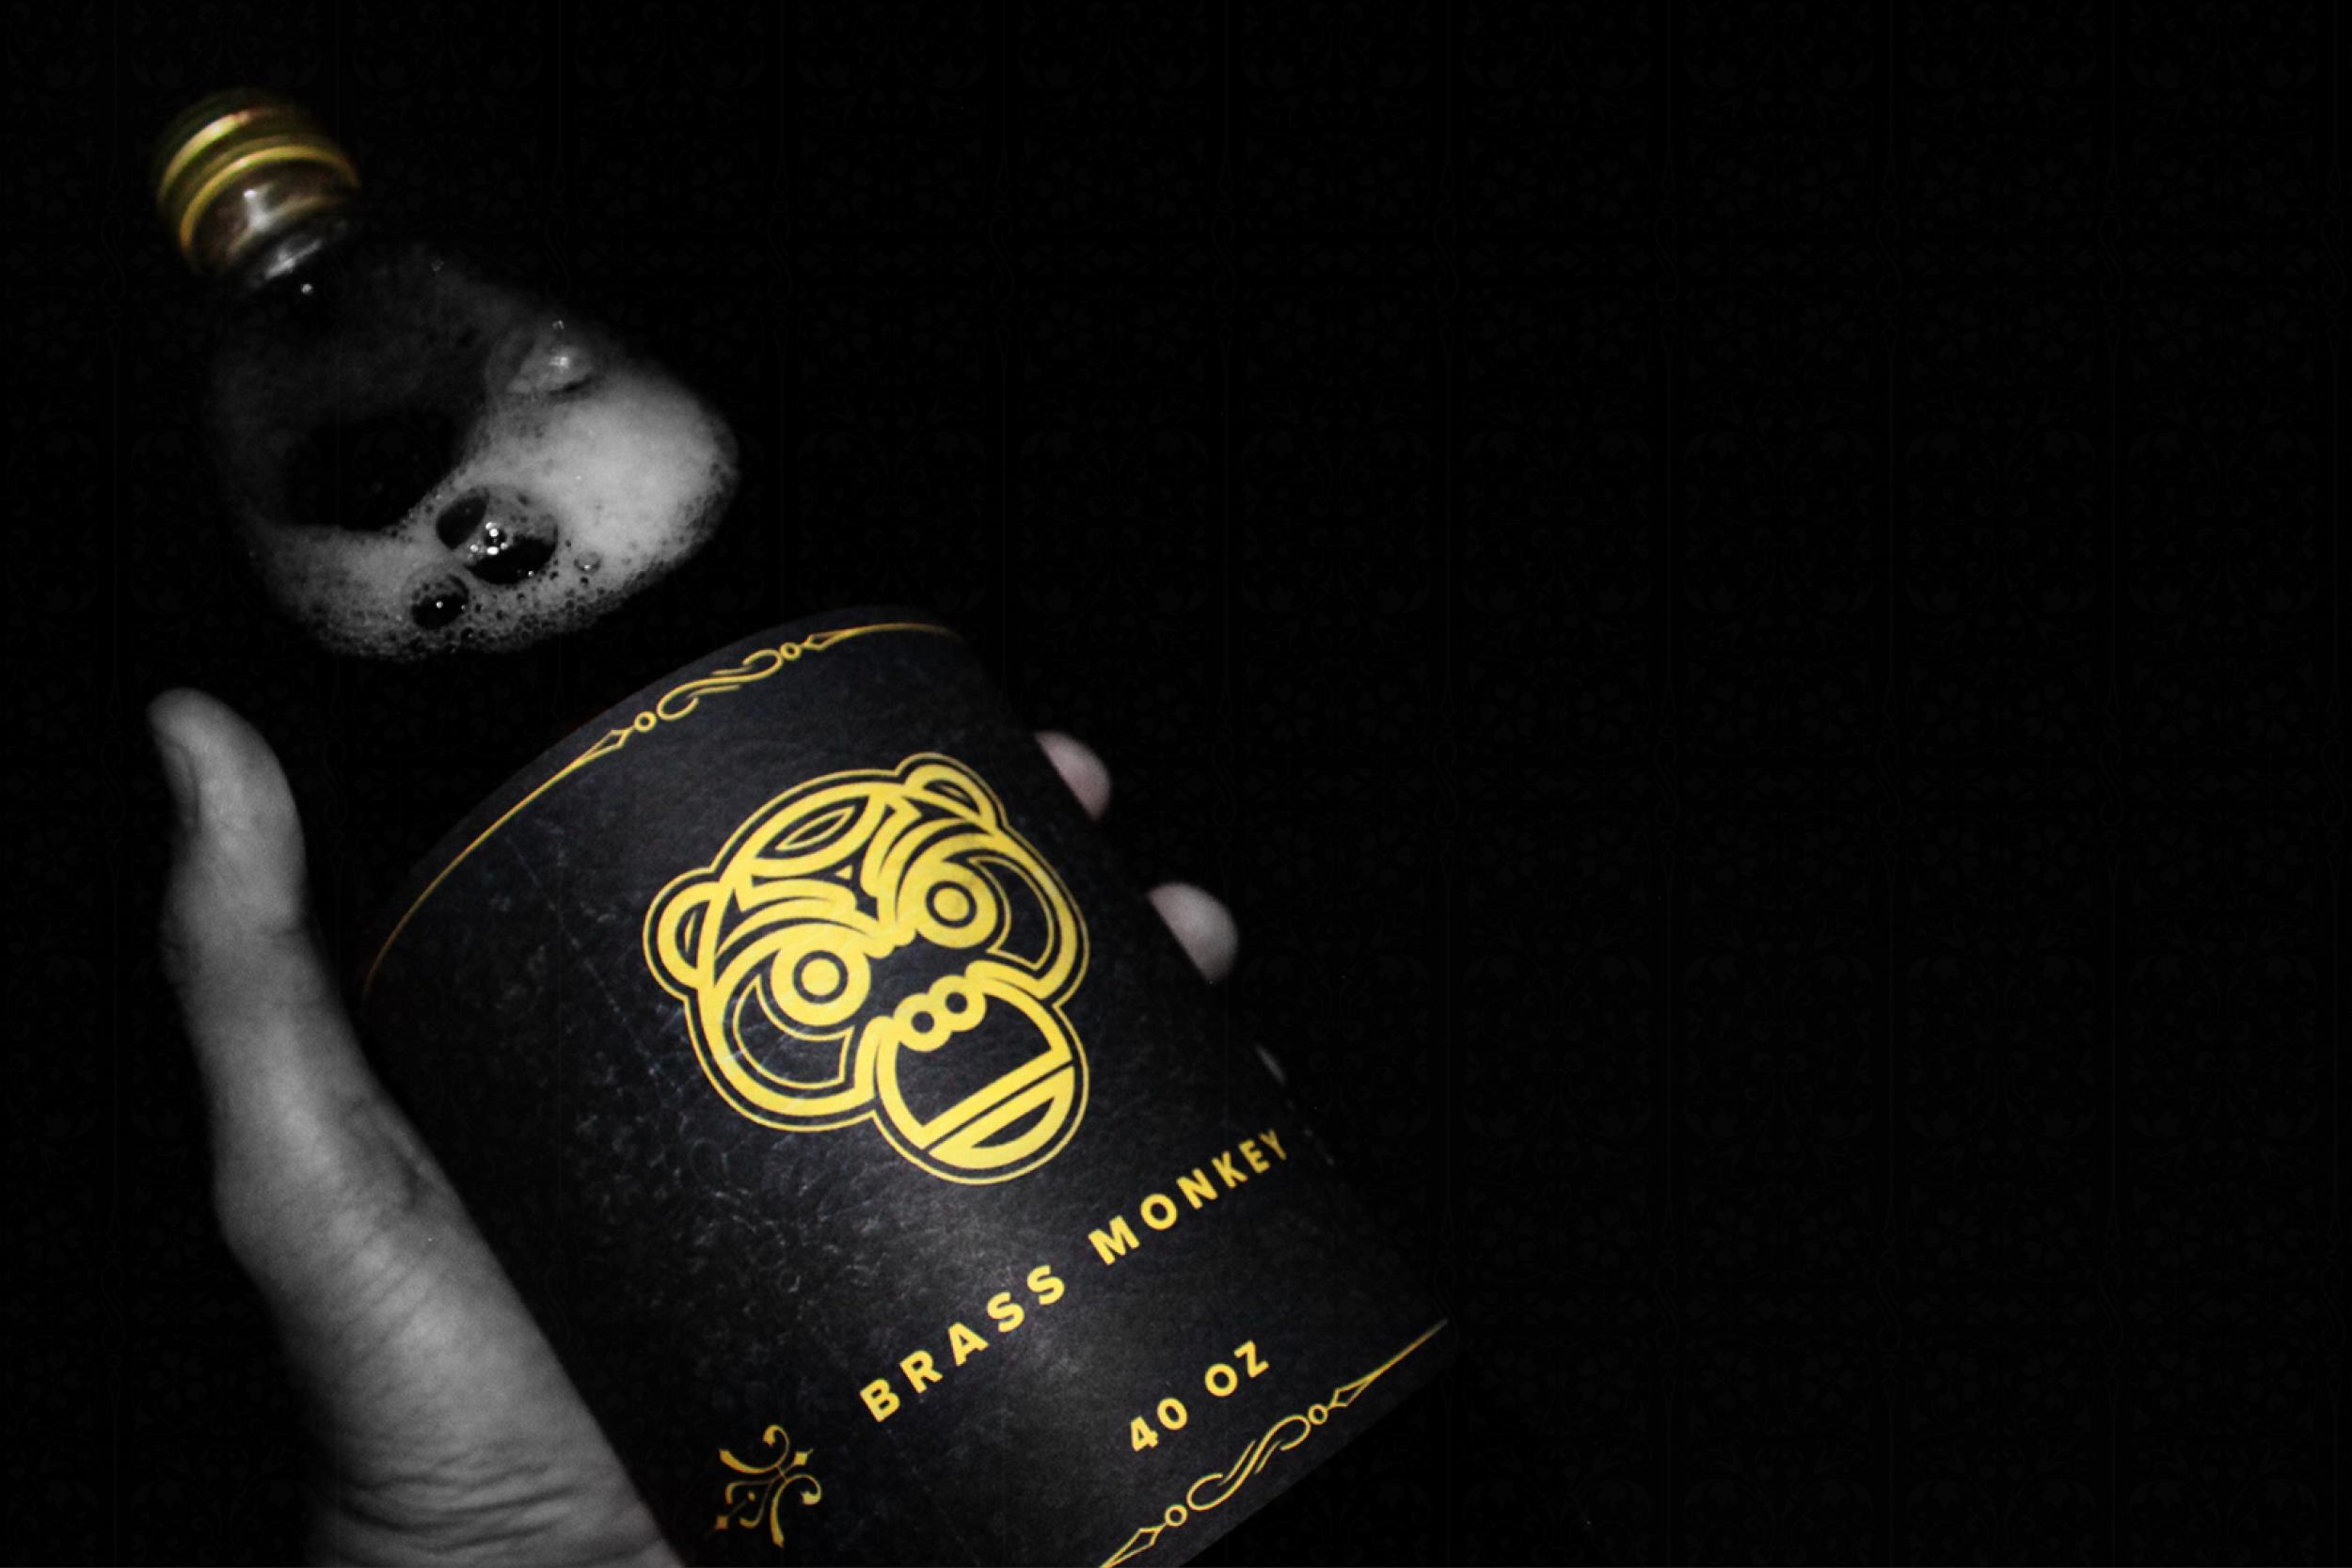 BM bottle